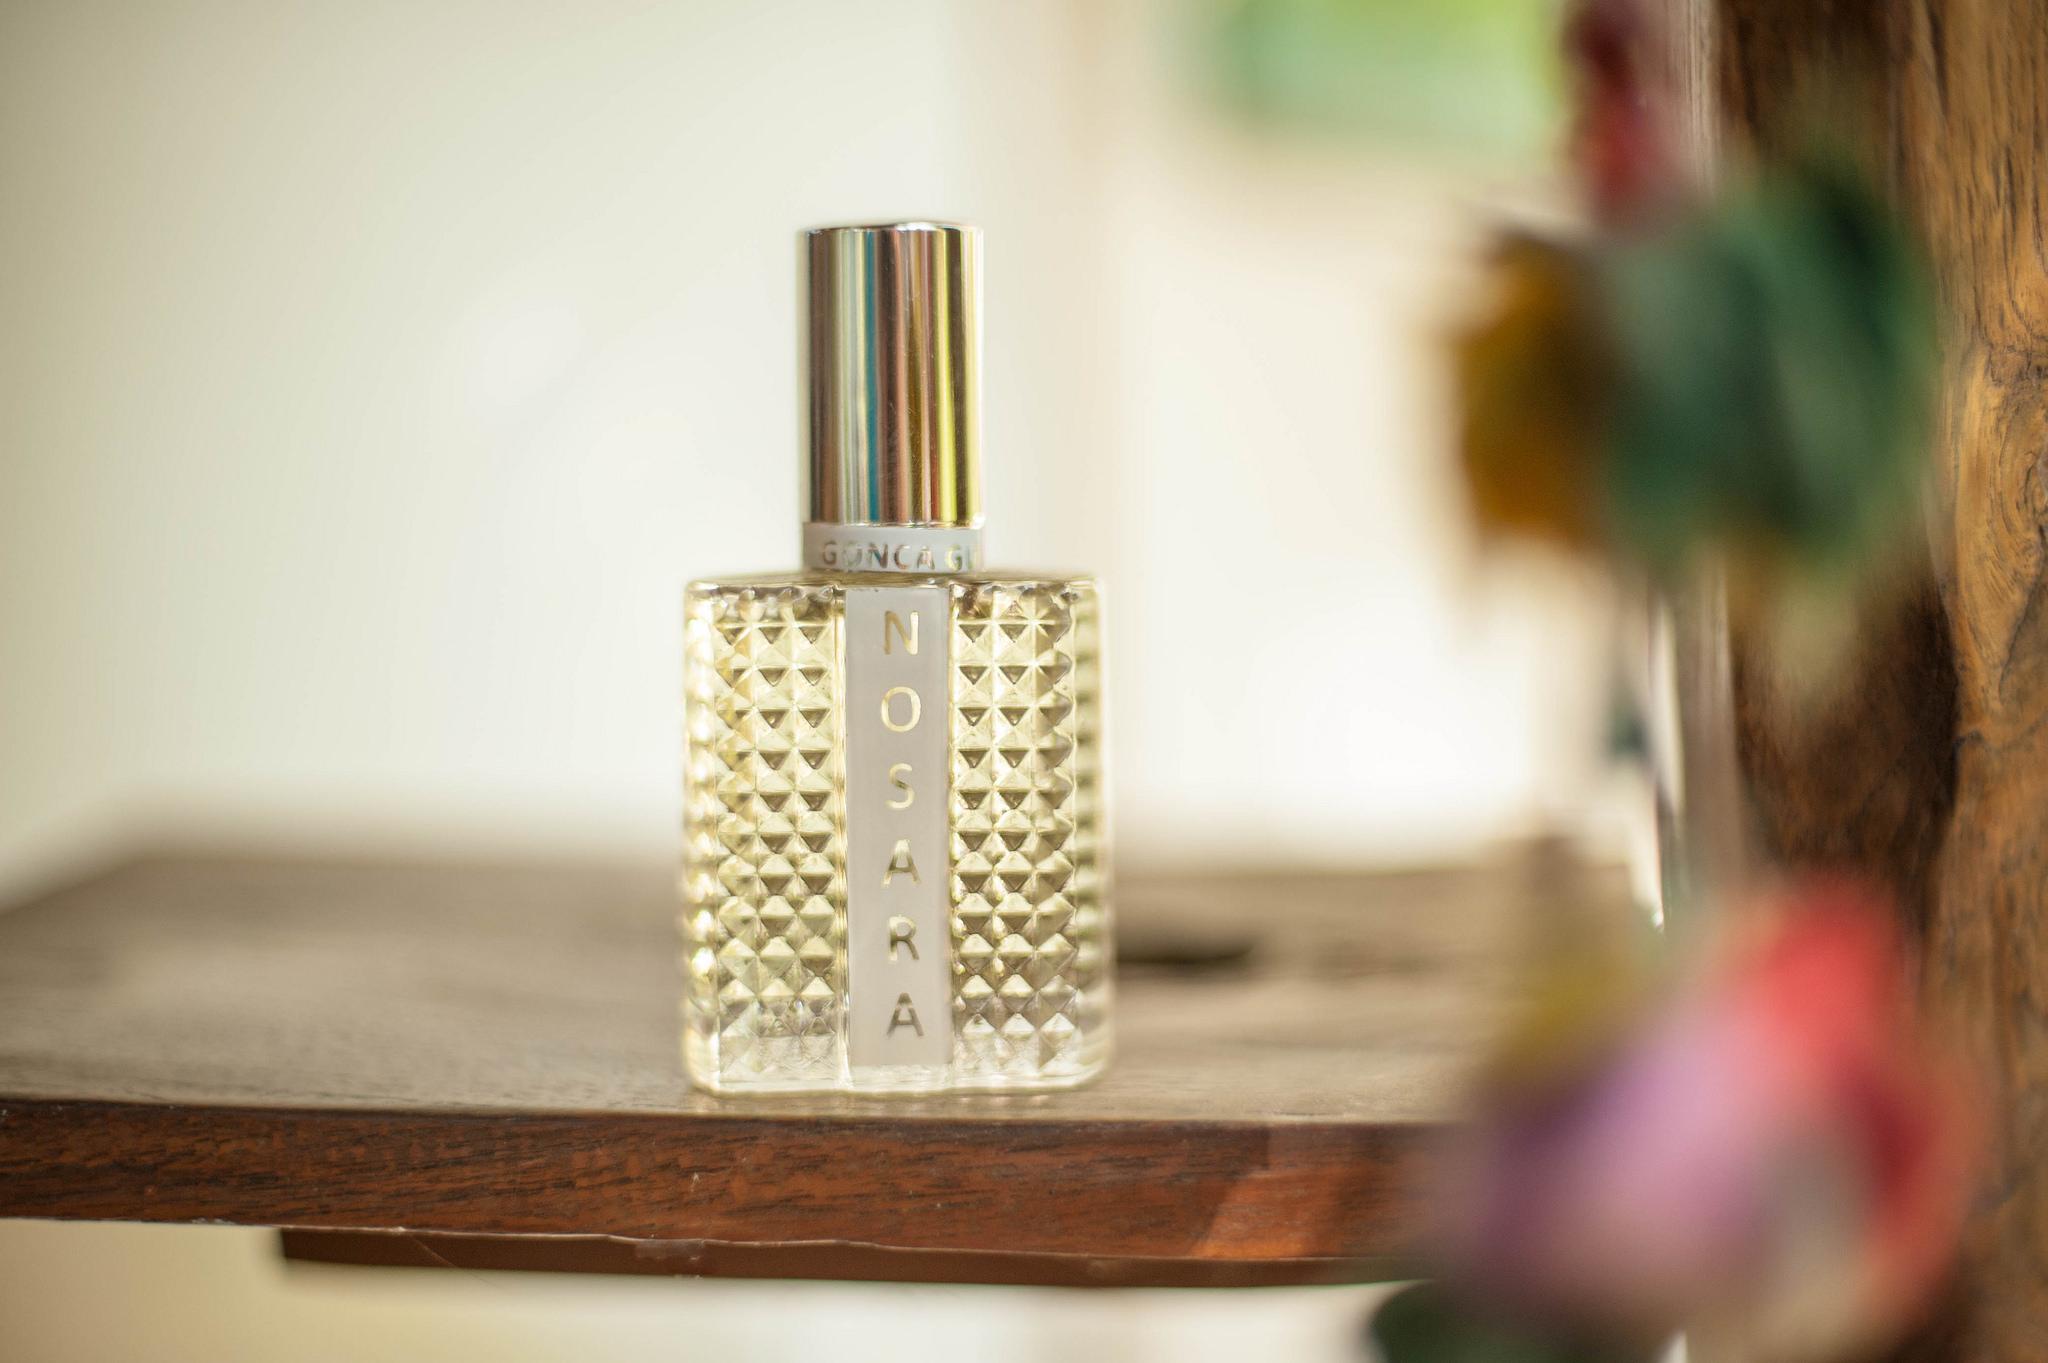 nosara-perfume-shopping-bazzar